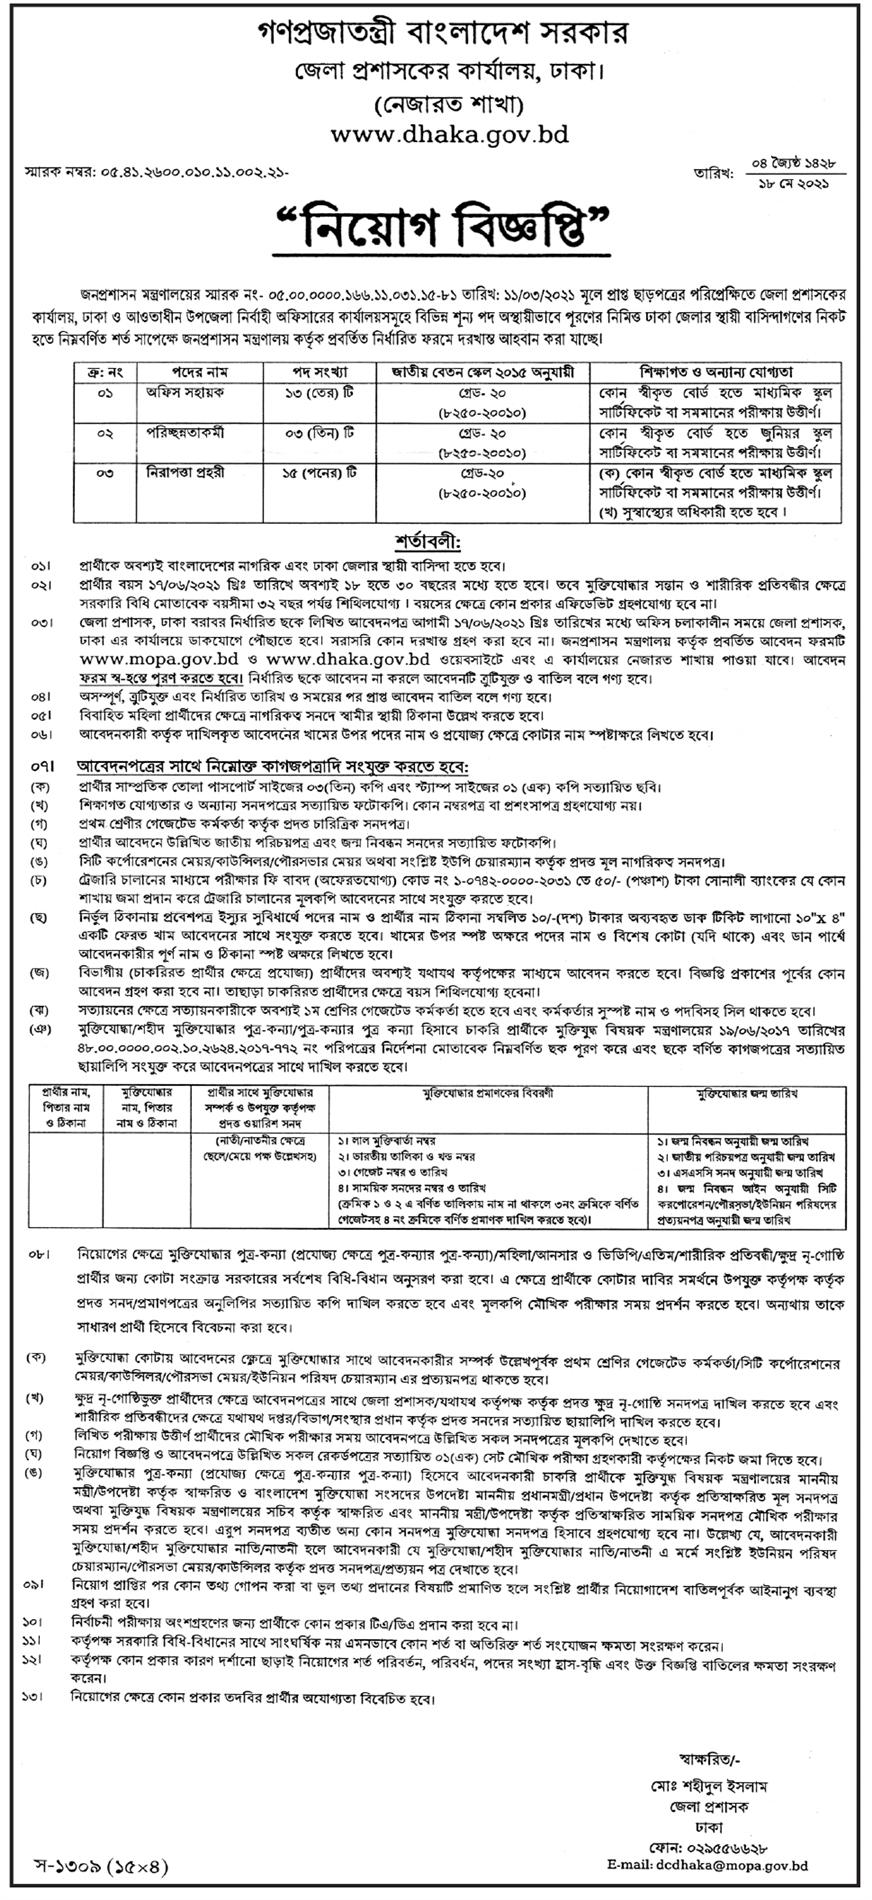 জেলা প্রশাসকের কার্যালয়ে নিয়োগ বিজ্ঞপ্তি ২০২১ - District commissioner office job circular 2021